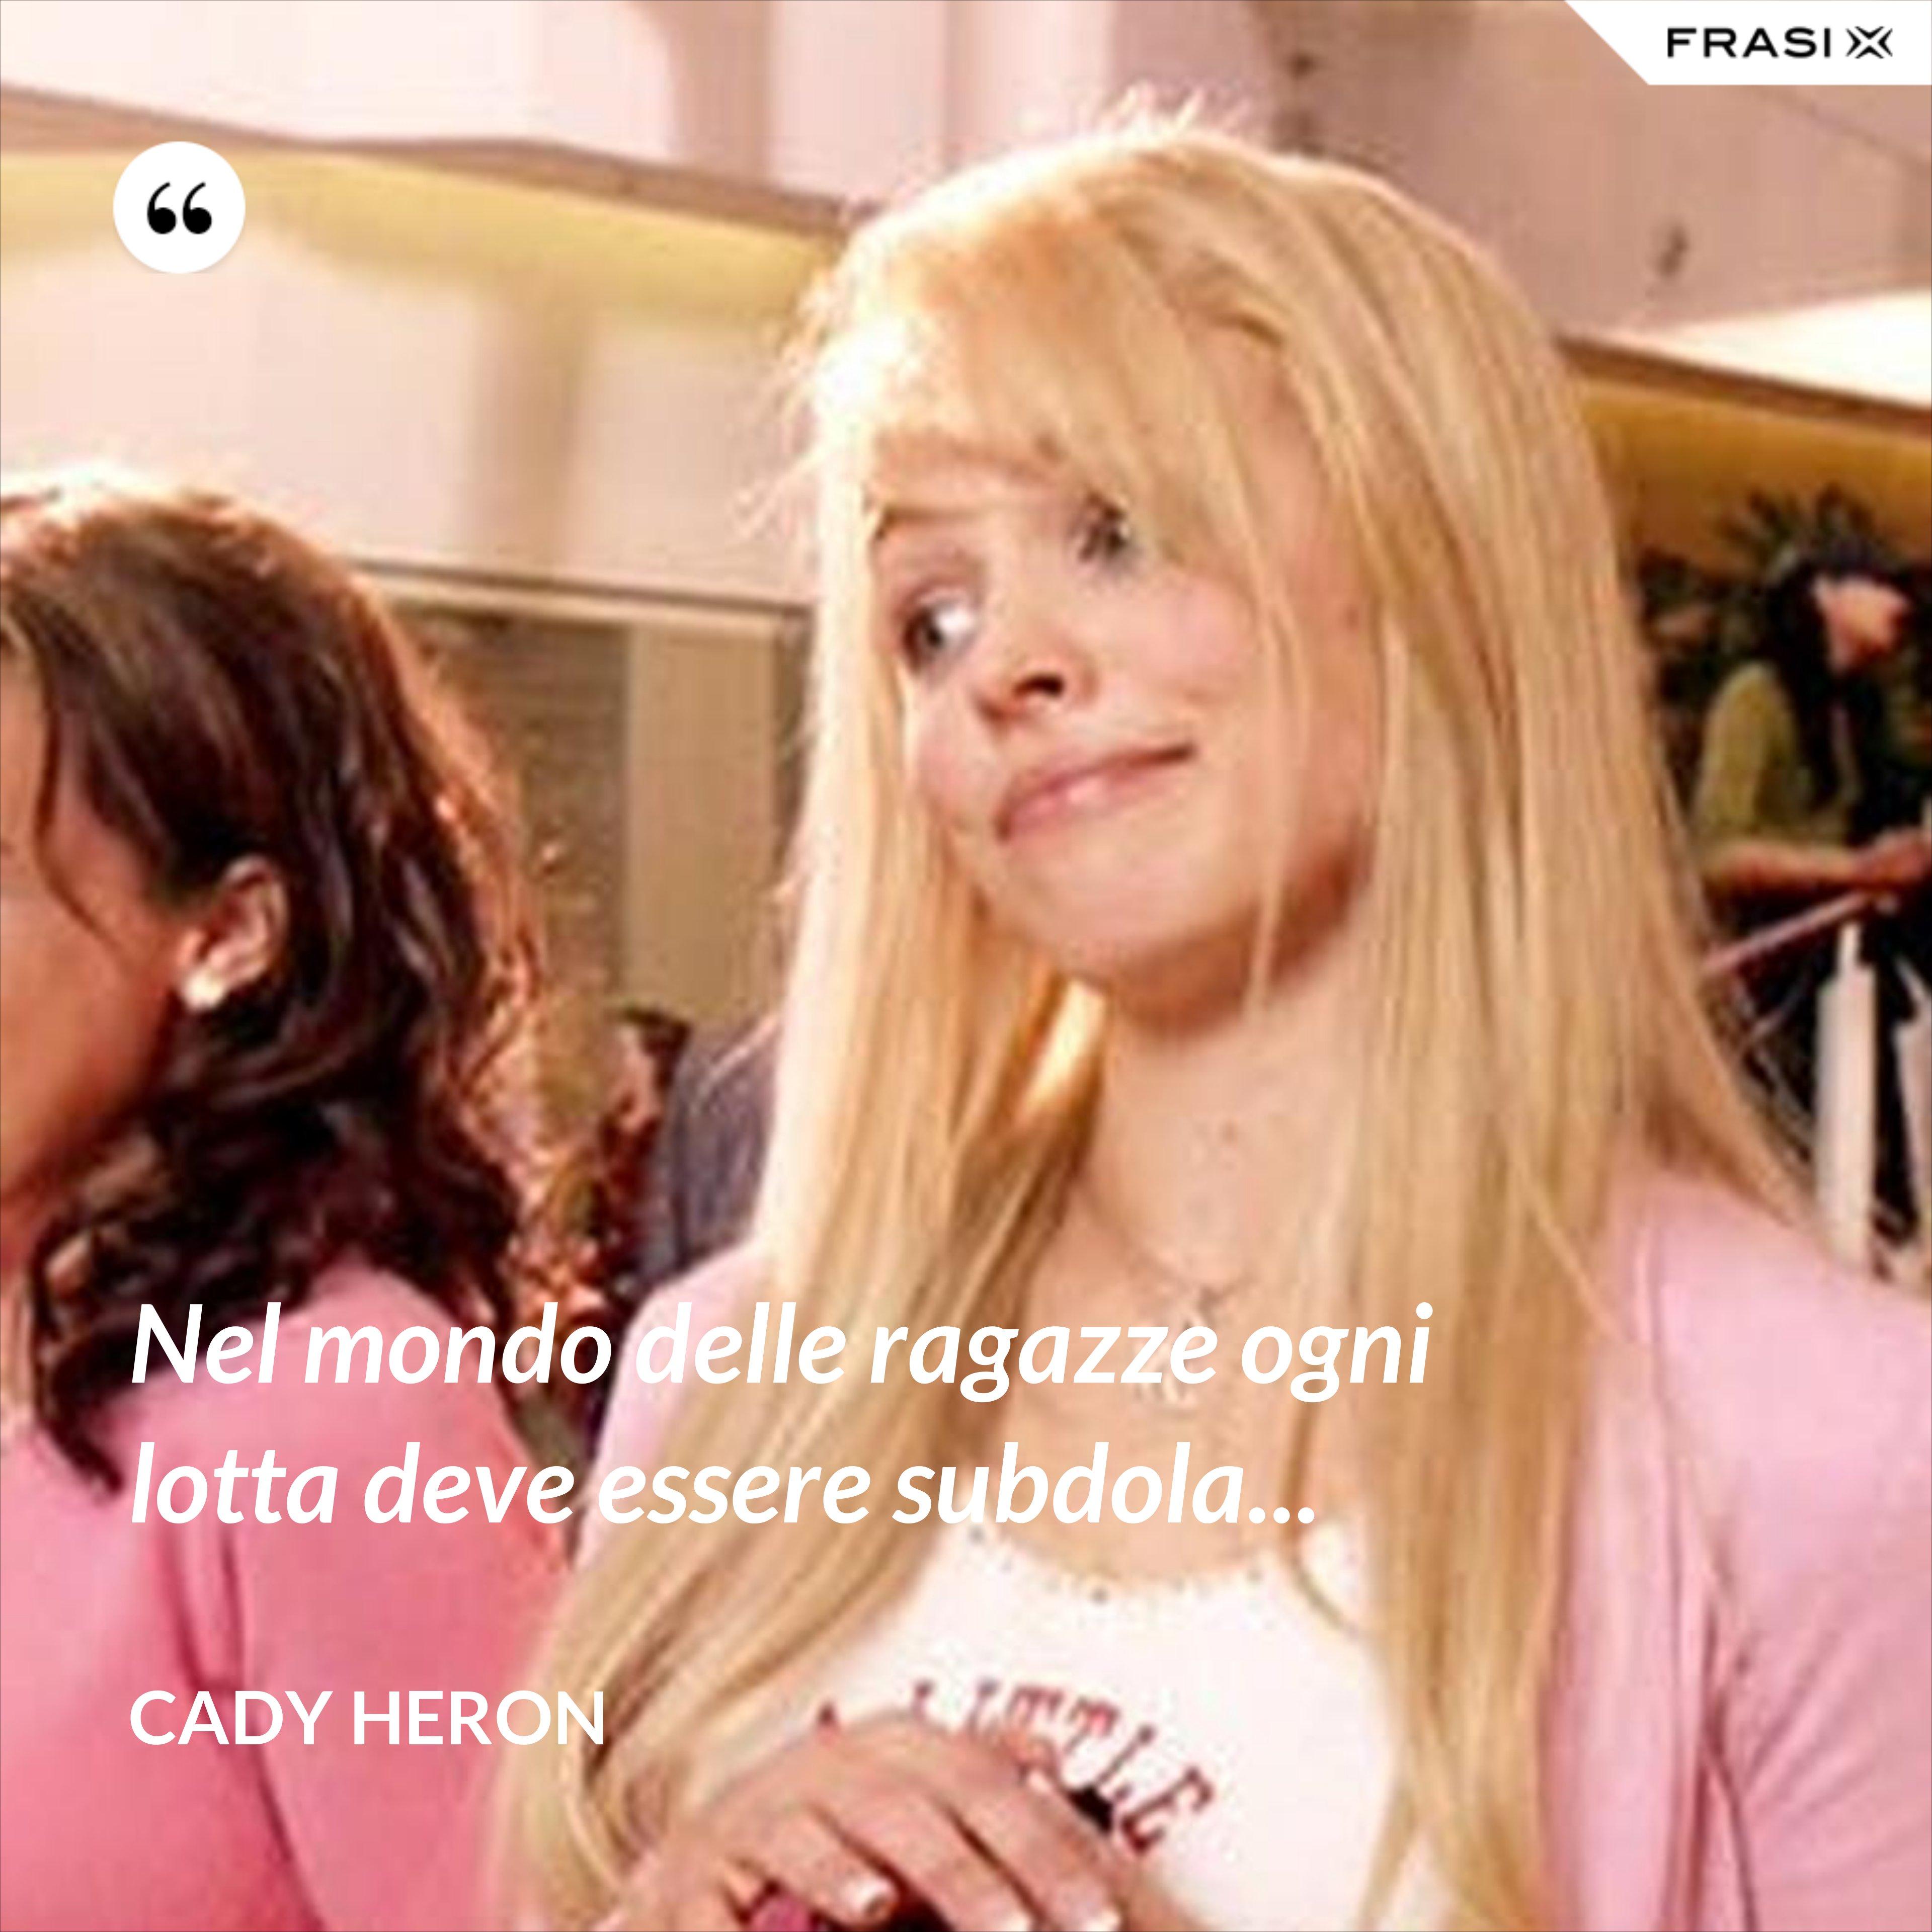 Nel mondo delle ragazze ogni lotta deve essere subdola... - Cady Heron